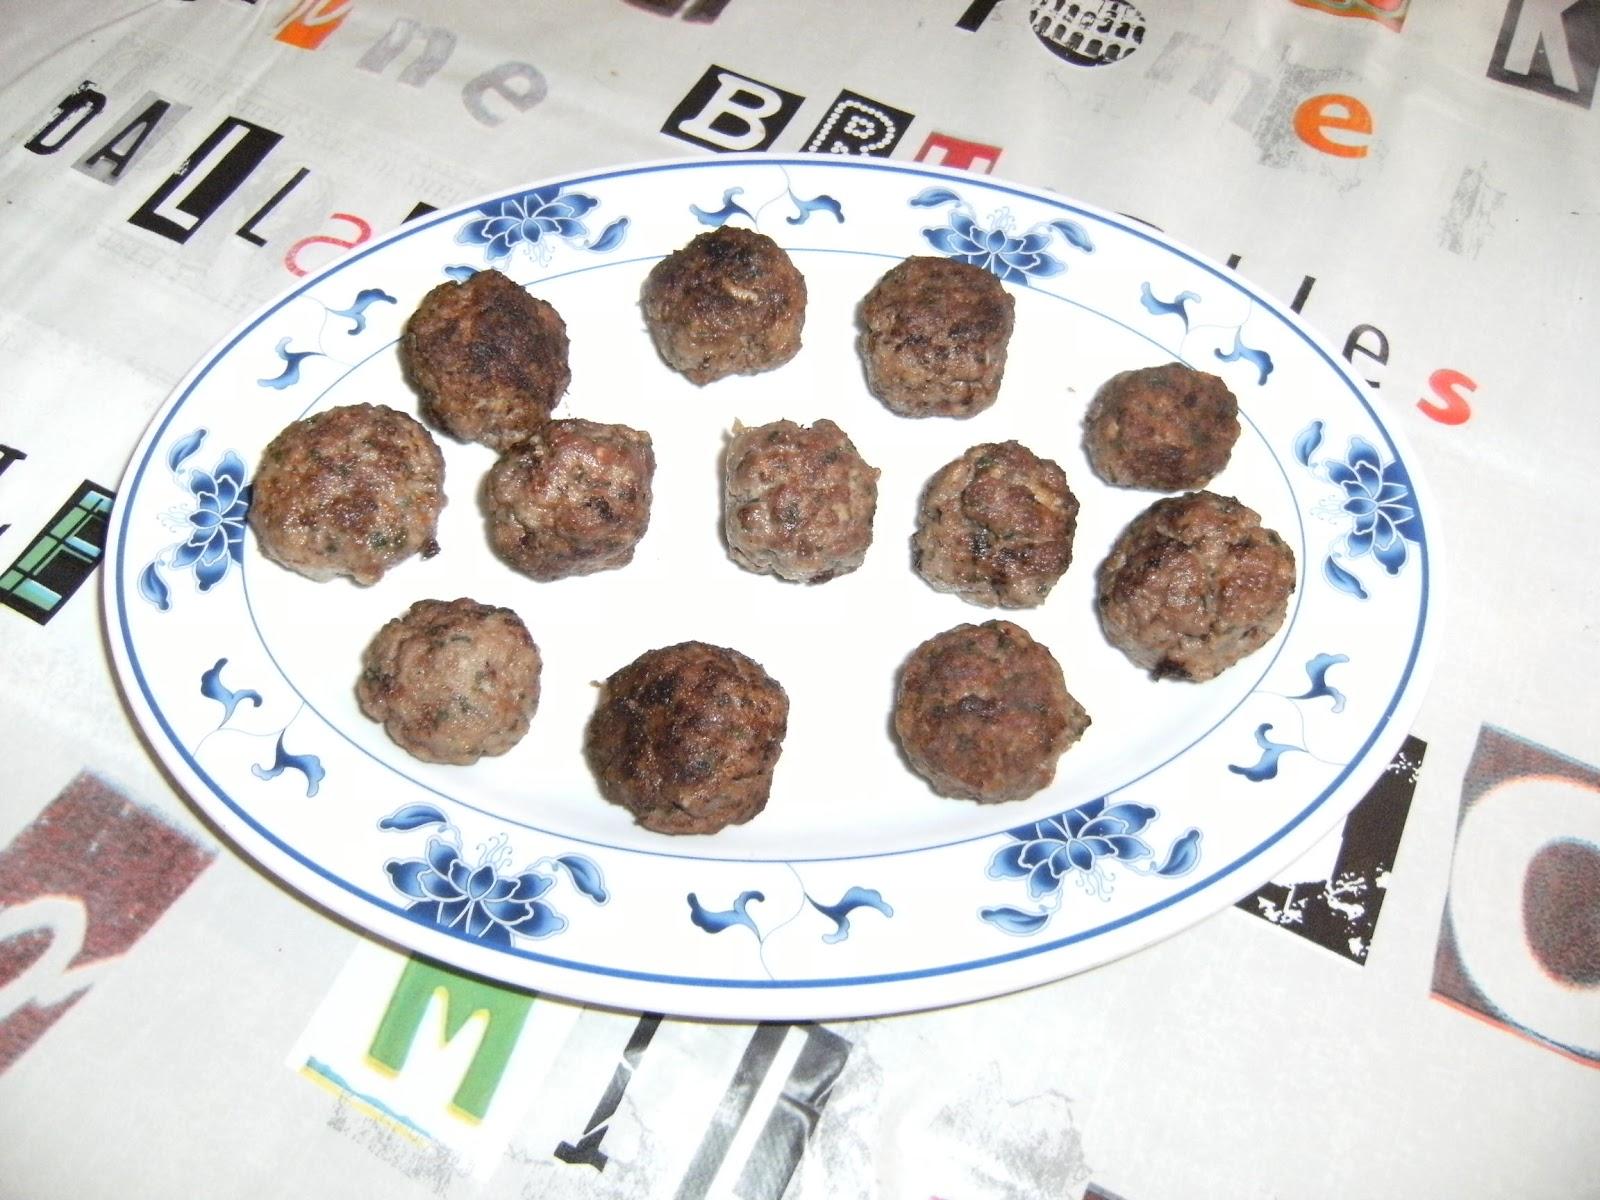 Les recettes chouettes de sissi boulettes de boeuf - Boulette de boeuf maison ...